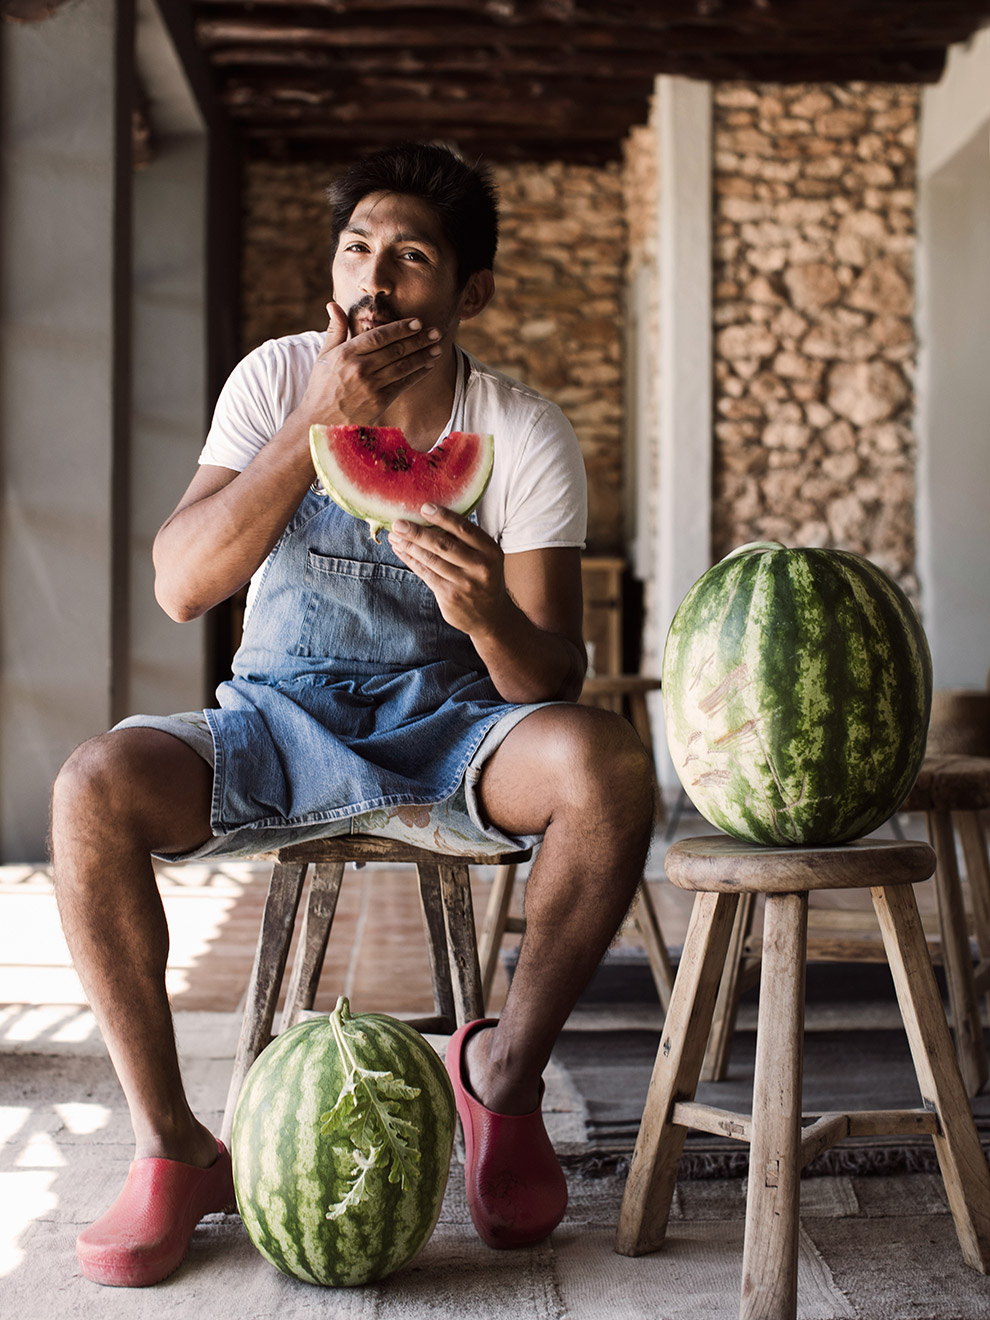 la-granja-ibiza-chef-012.jpg